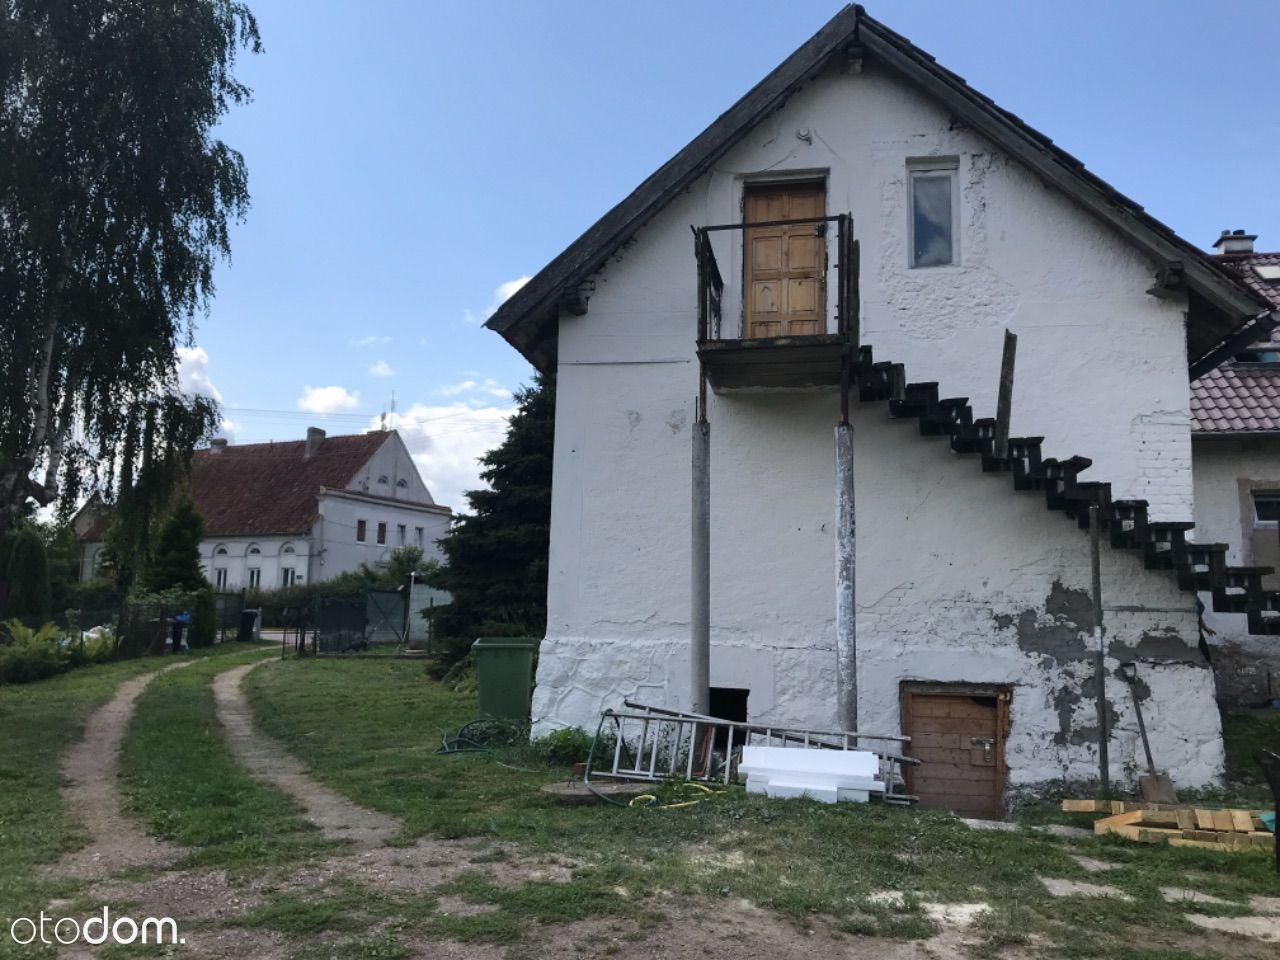 Sprzedam dom wraz z działką budowlaną - Siedliska